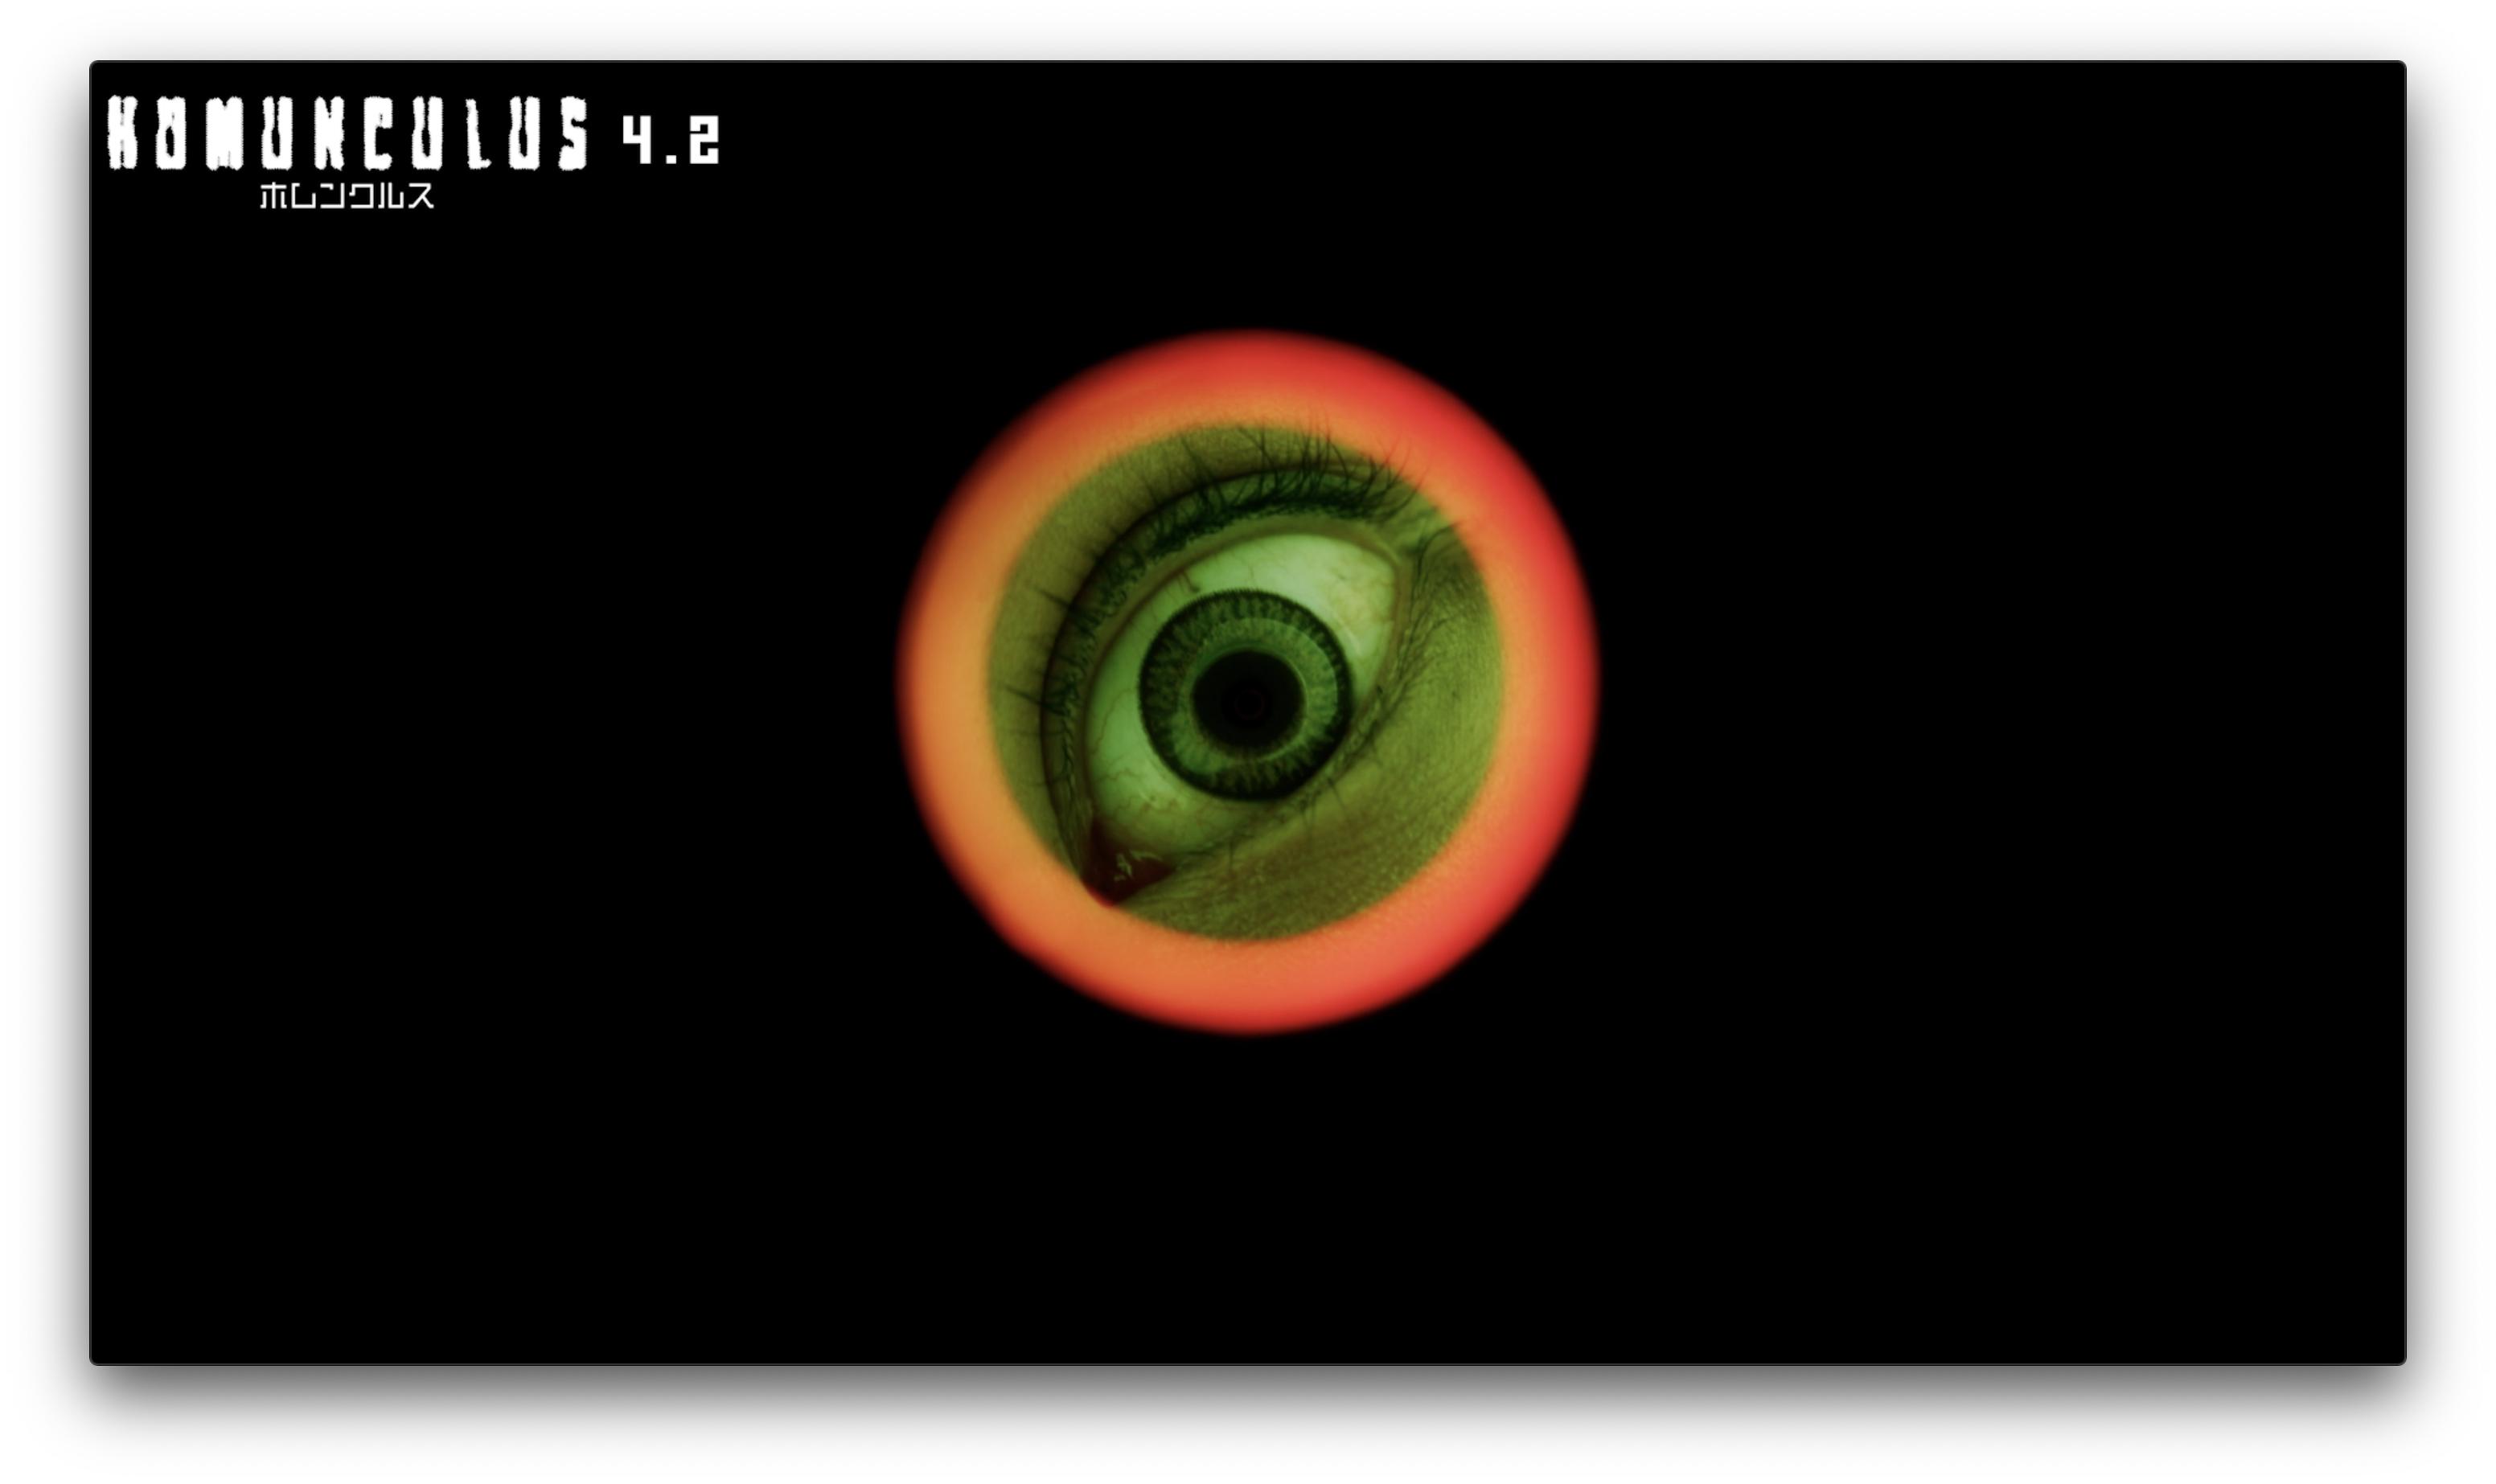 映画『ホムンクルス』冒頭映像より (C)2021 山本英夫・小学館/エイベックス・ピクチャーズ